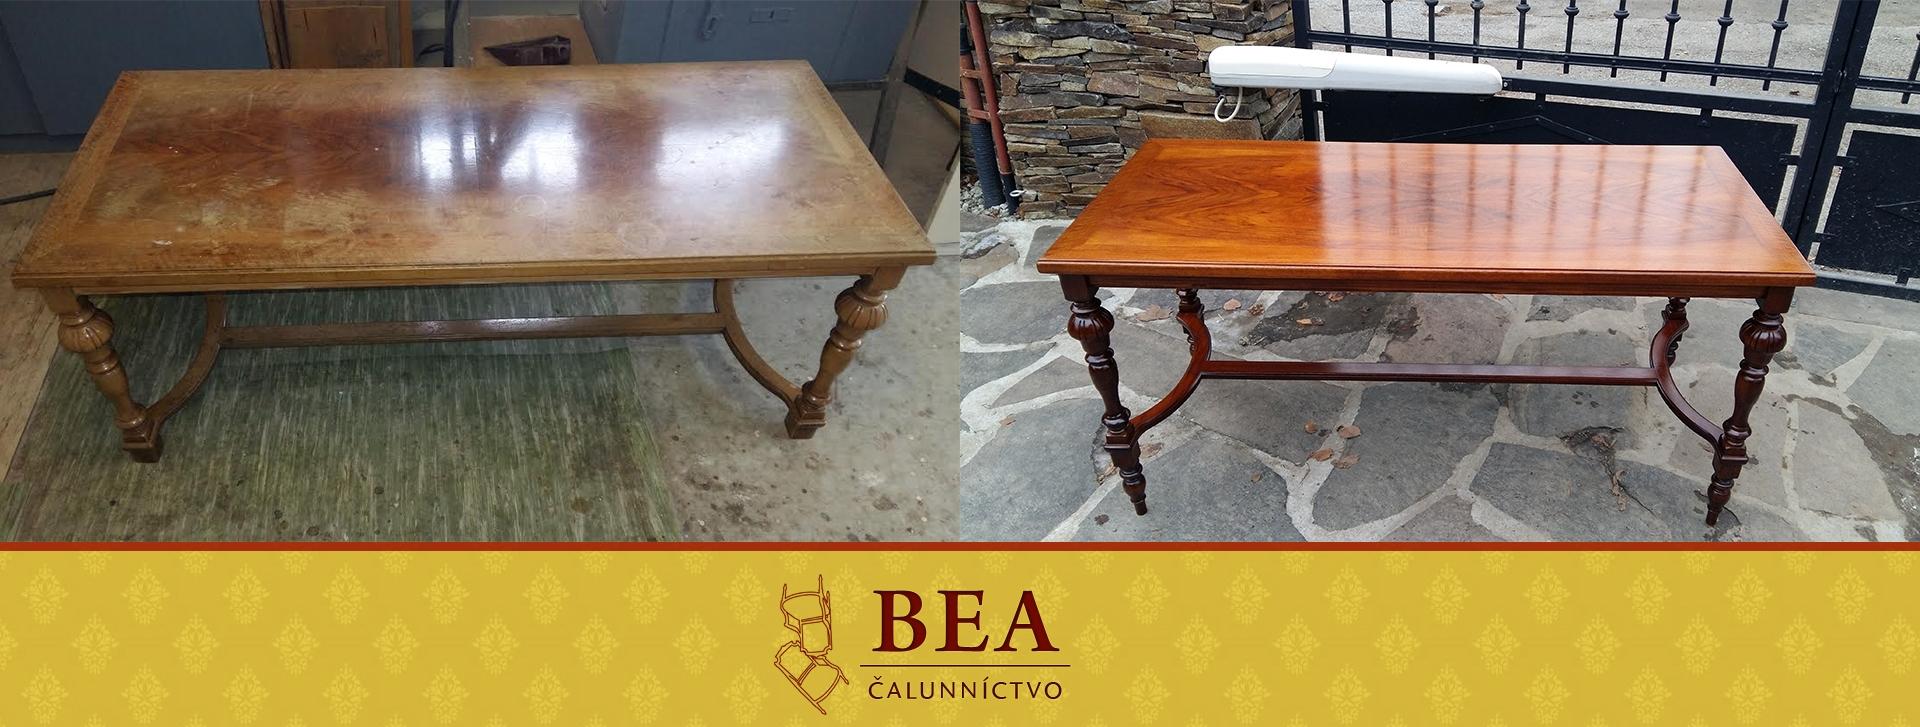 renovacia-starozitneho-nabytku-stol5